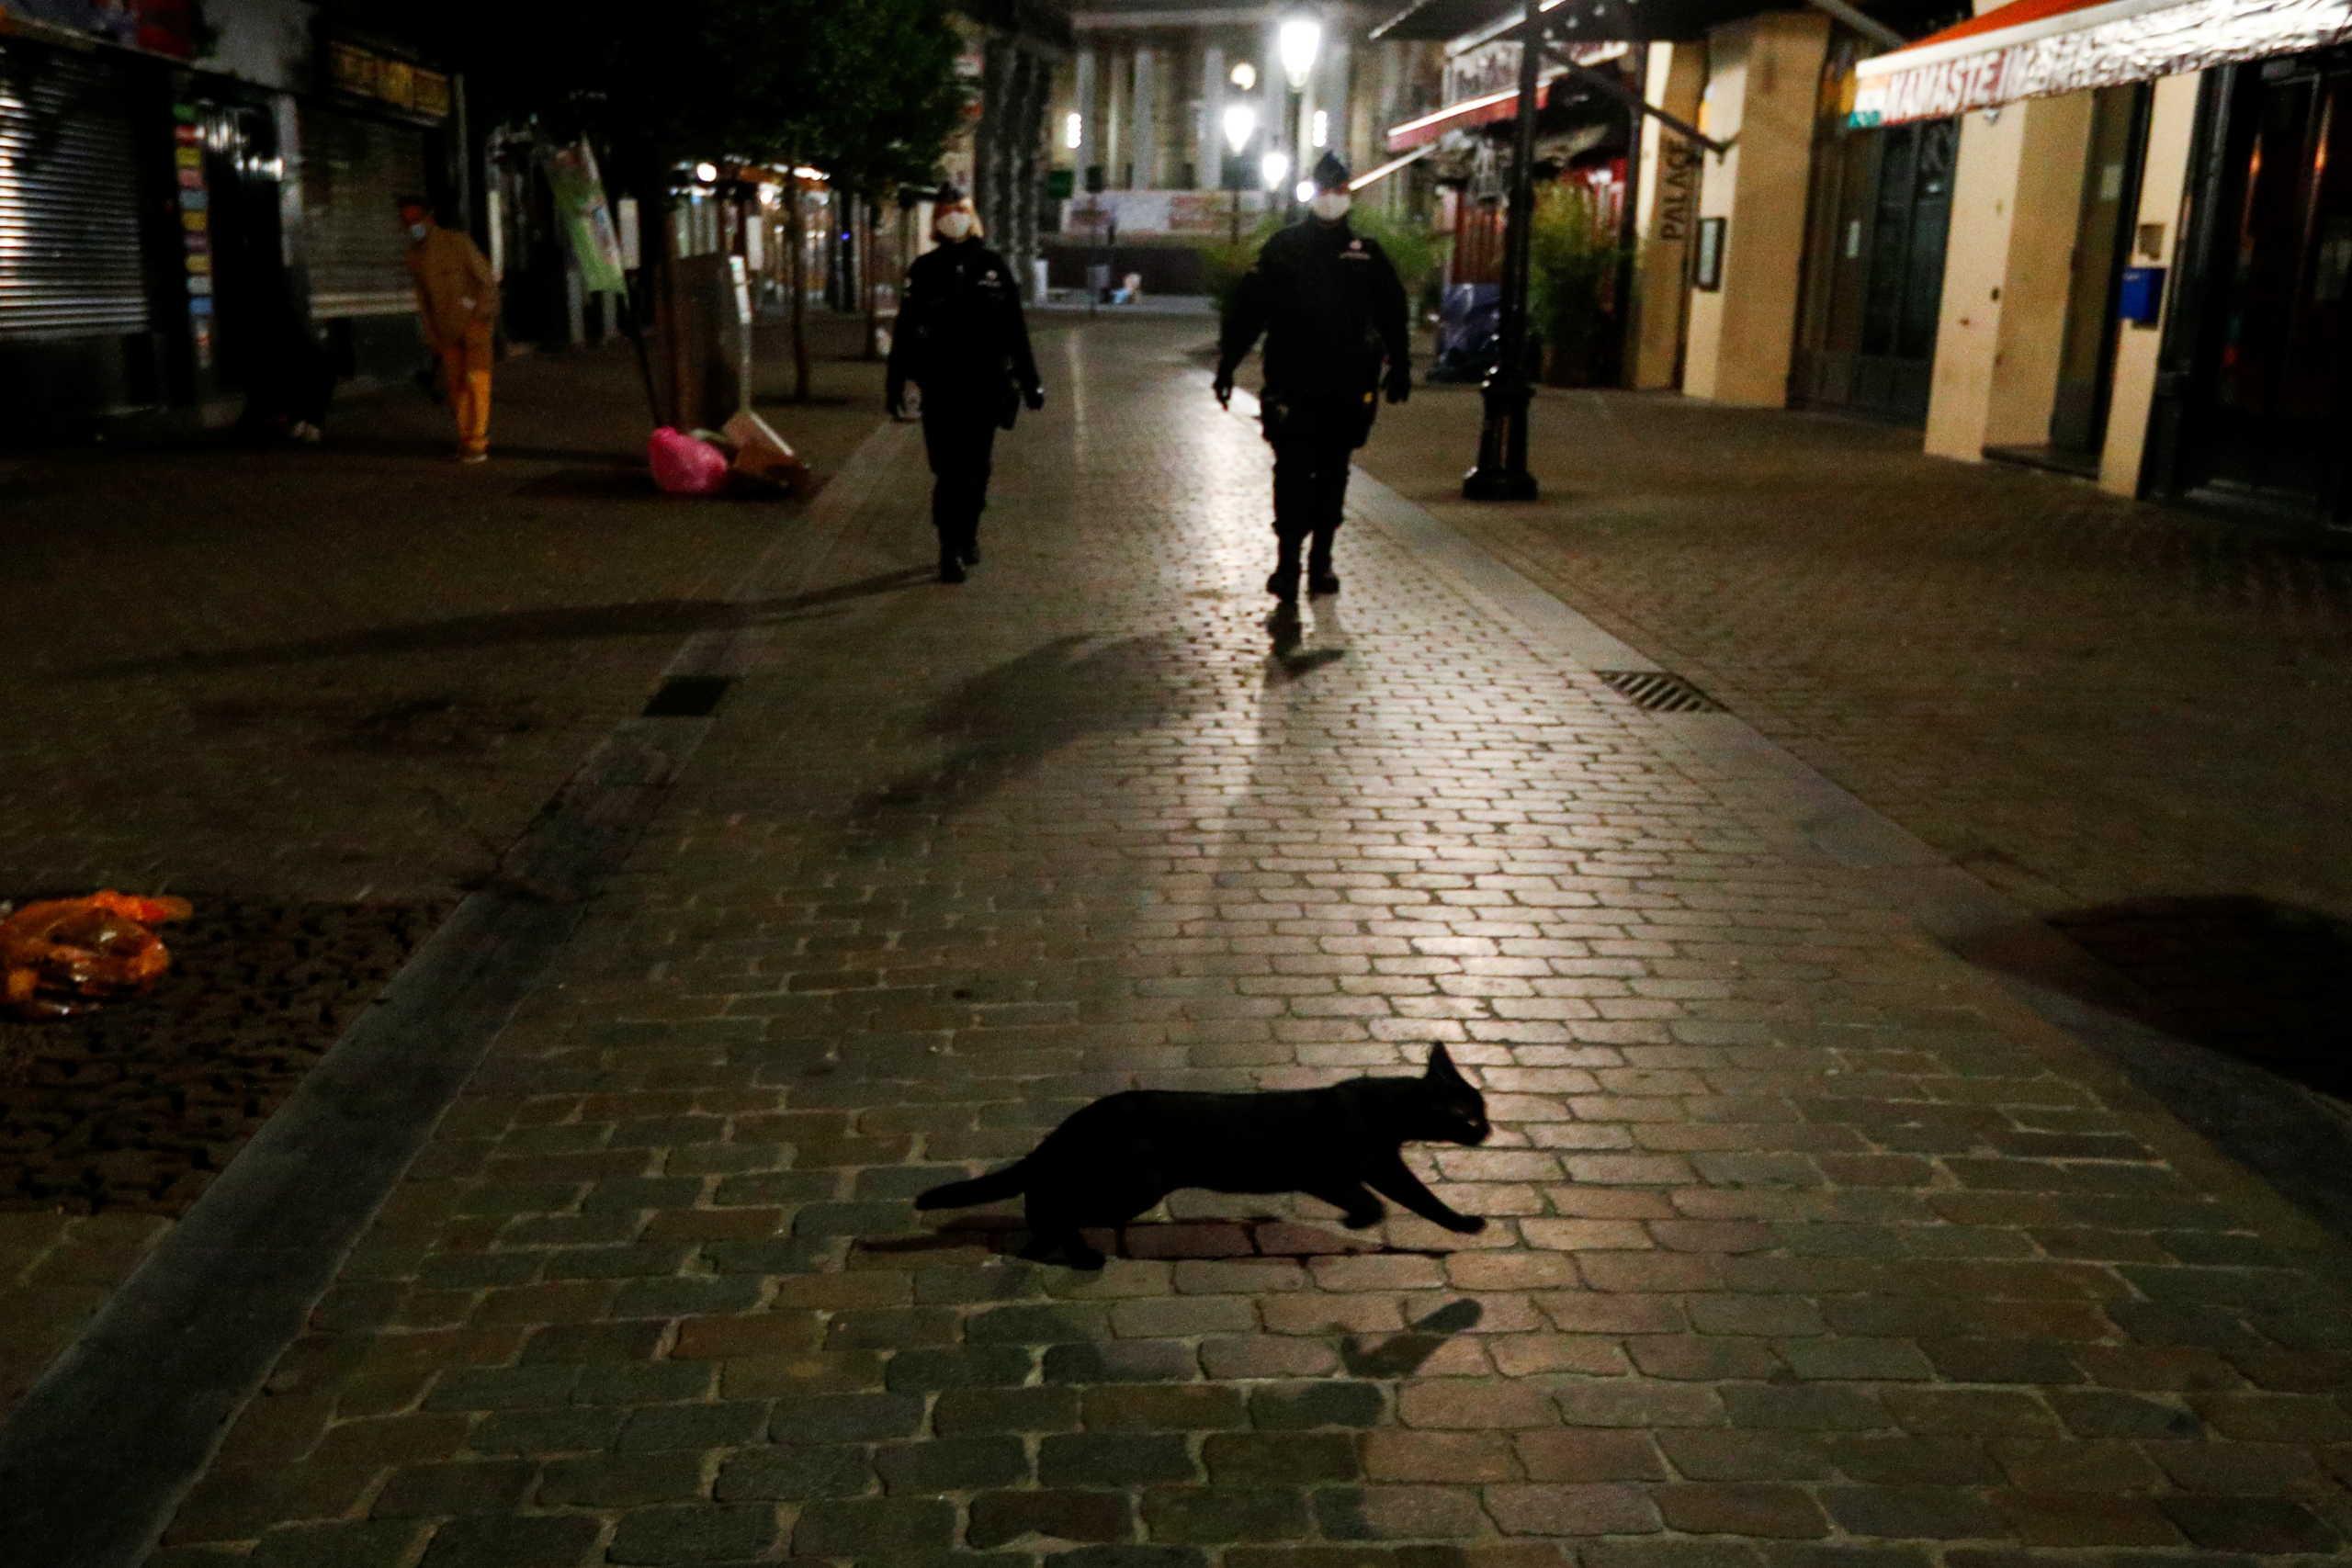 Περιοριστικά μέτρα για την έξαρση κρουσμάτων κορονοϊού στις Βρυξέλλες